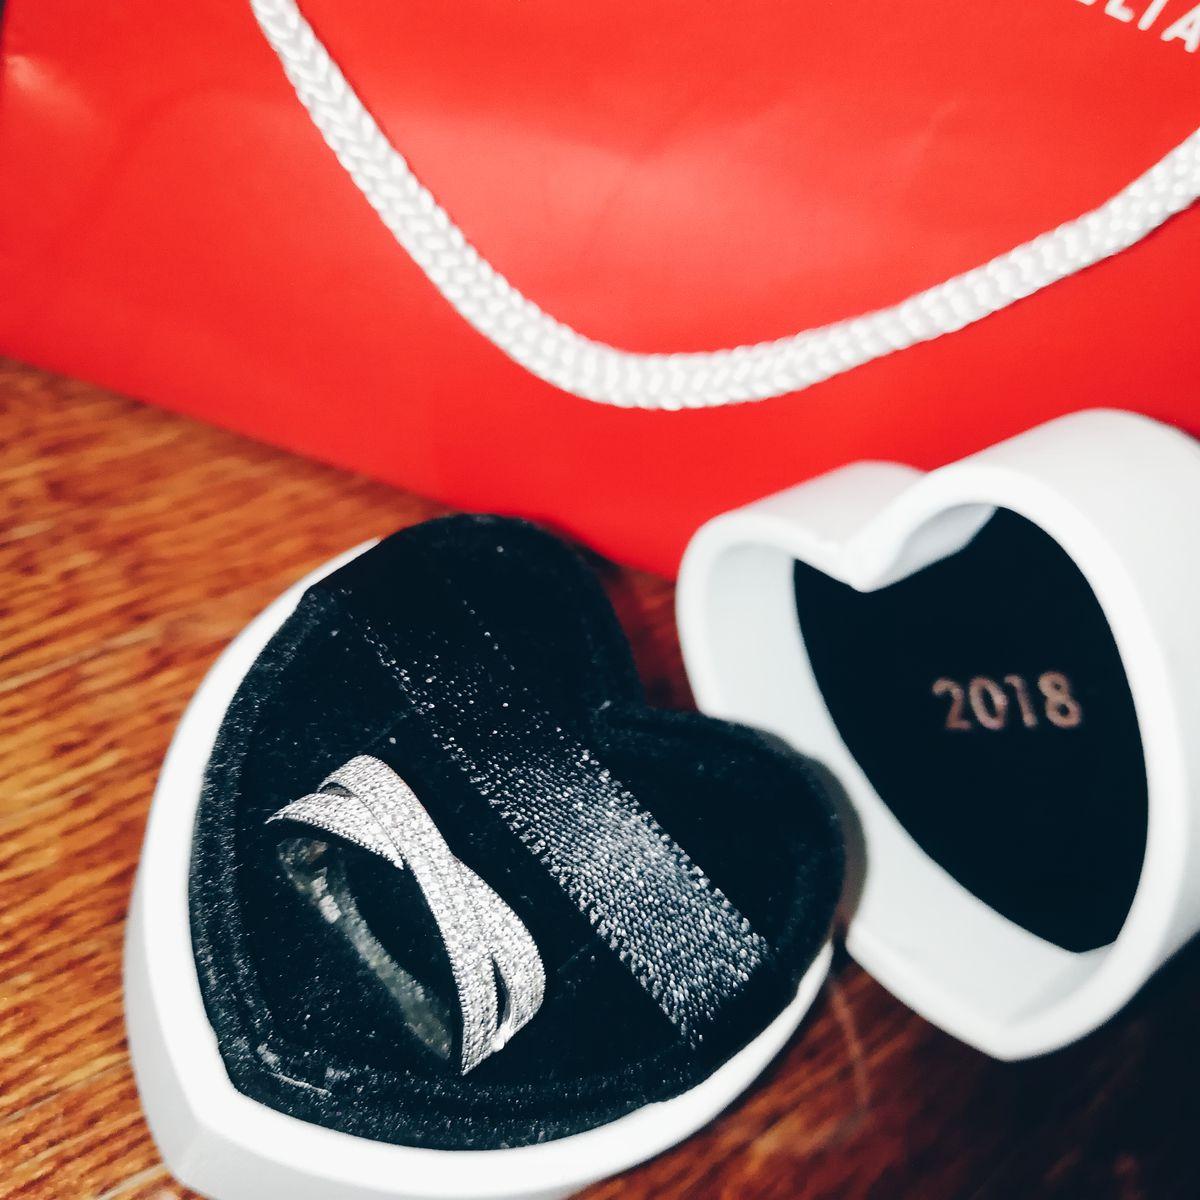 Потрясающее кольцо 😻 очень красиво смотрится на руке😌